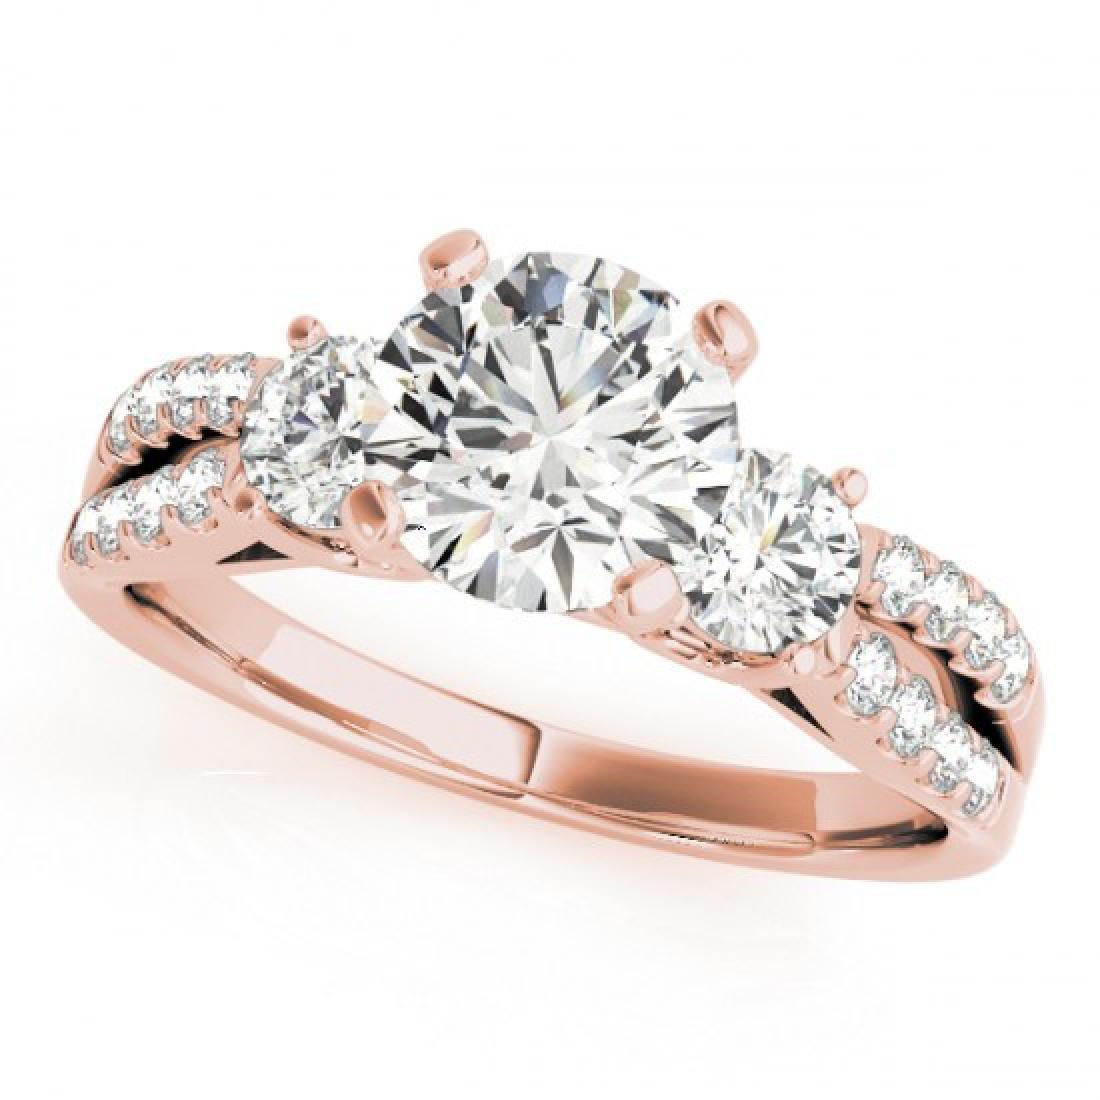 1.75 CTW Certified VS/SI Diamond 3 Stone Ring 18K Rose